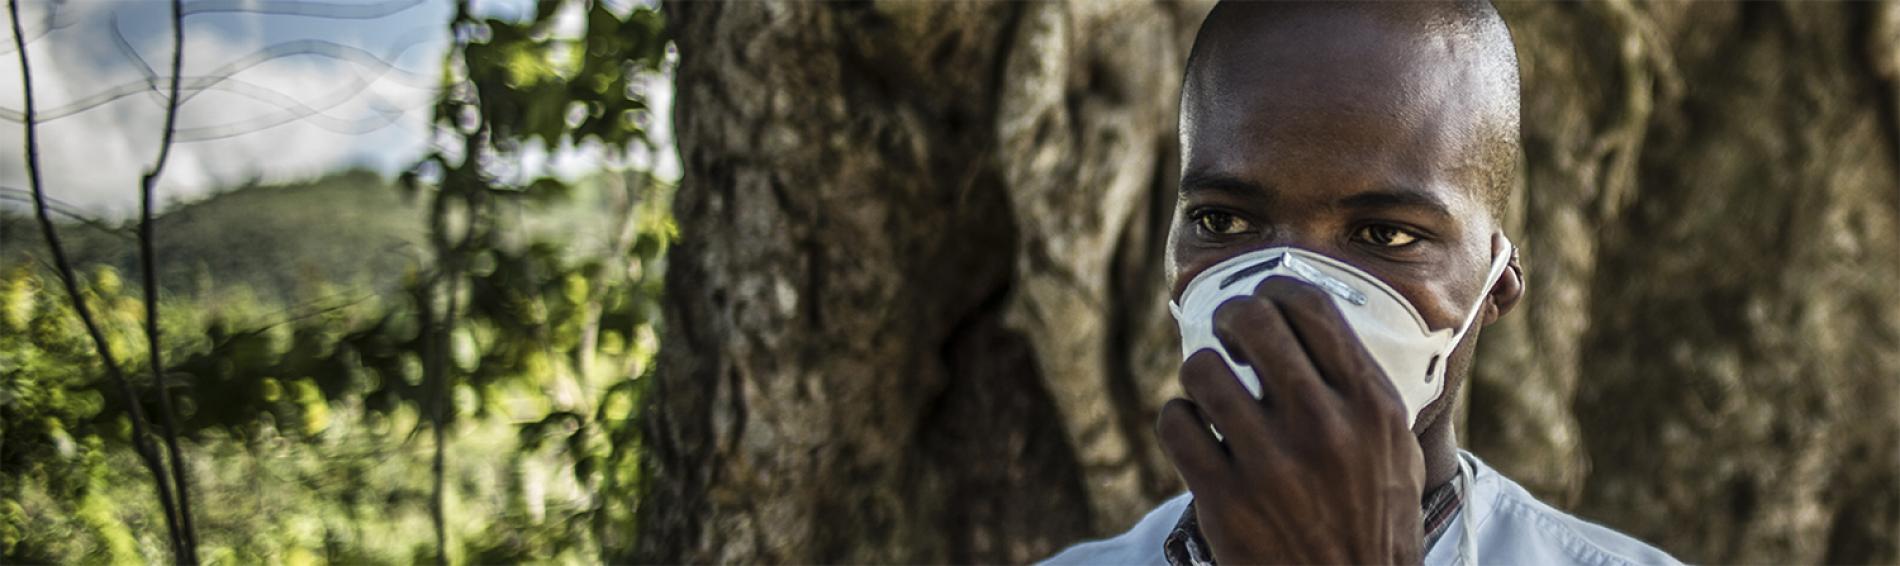 Die Lungenkrankheit COVID-19 ist eine weltweite Bedrohung. Foto: Ärzte der Welt